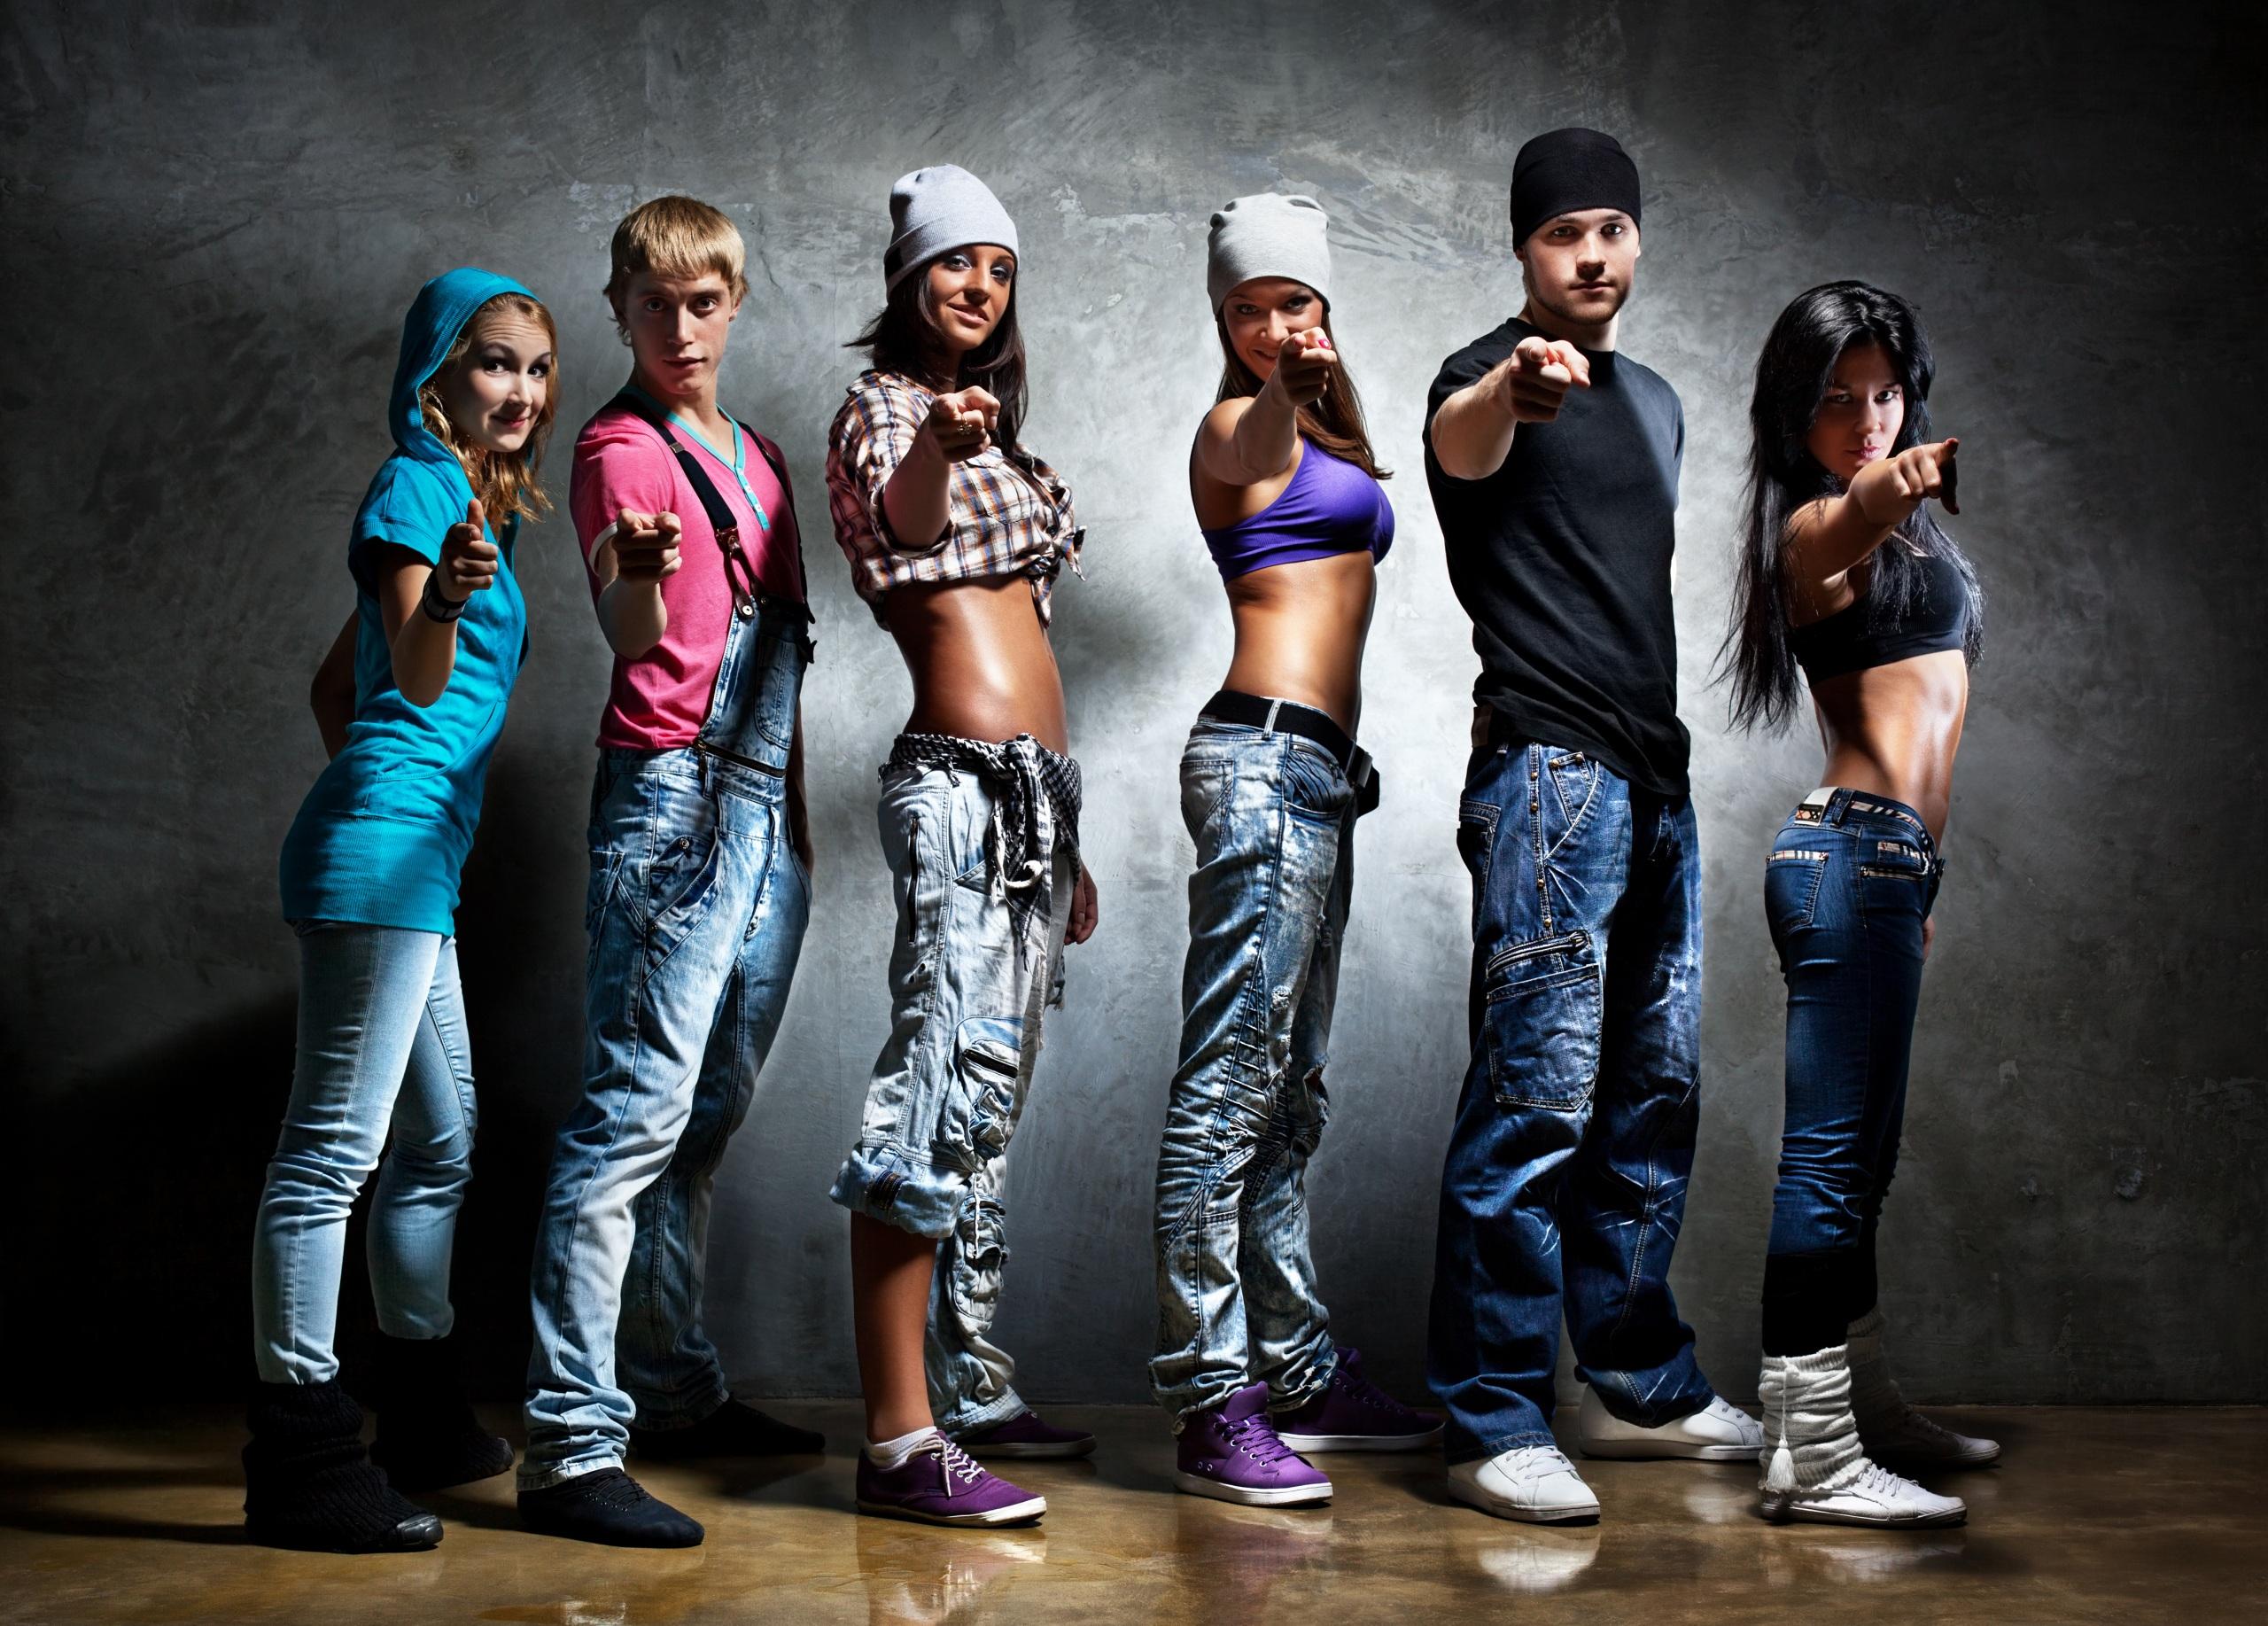 Обои для рабочего стола Мужчины танцует молодая женщина рука Взгляд 2560x1835 мужчина Танцы танцуют девушка Девушки молодые женщины Руки смотрят смотрит